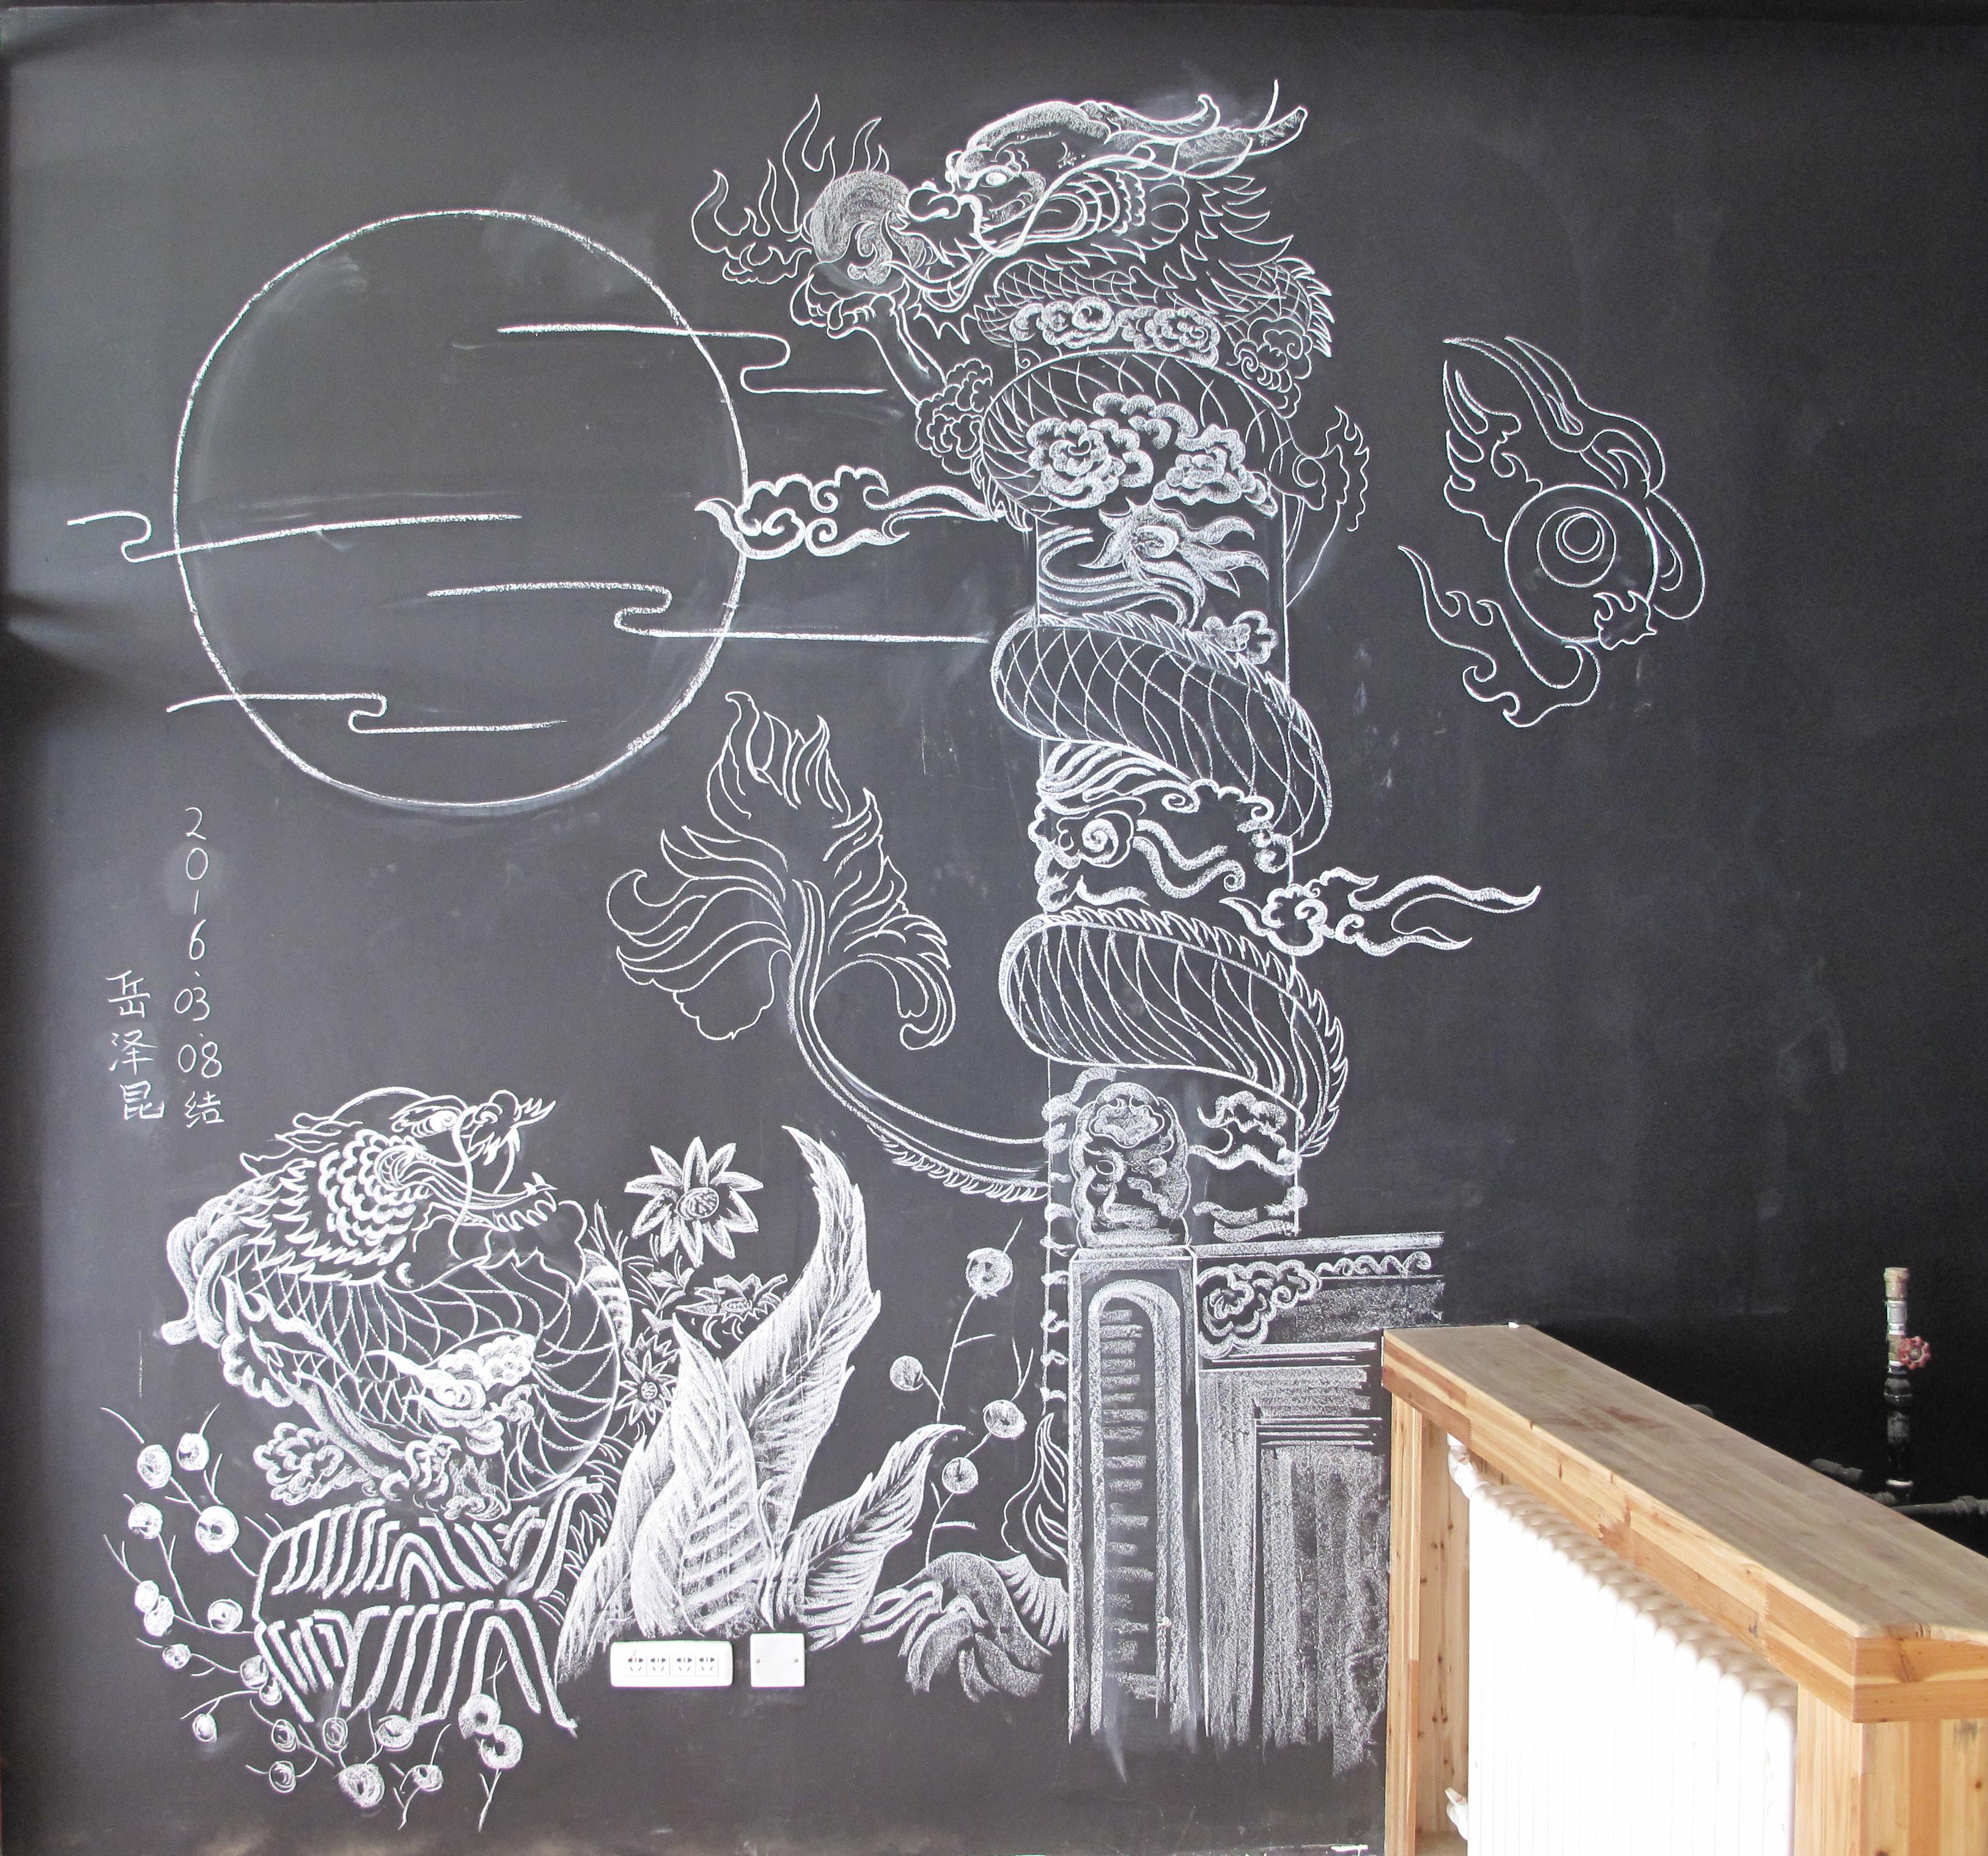 粉笔手绘墙面画